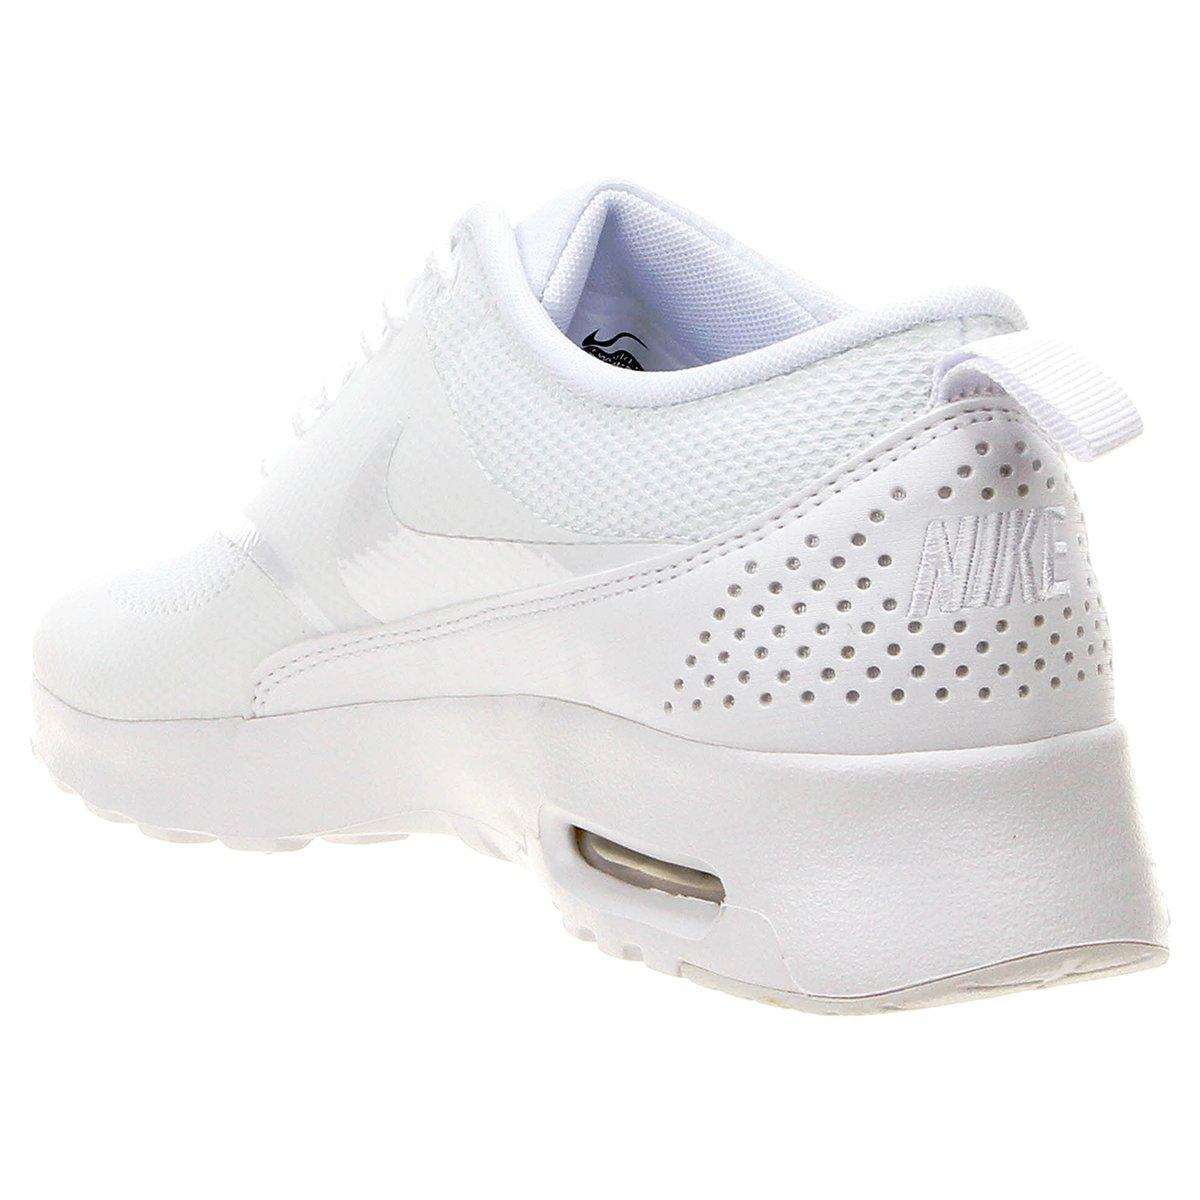 0348b5694a Tênis Nike Air Max Thea - Compre Agora